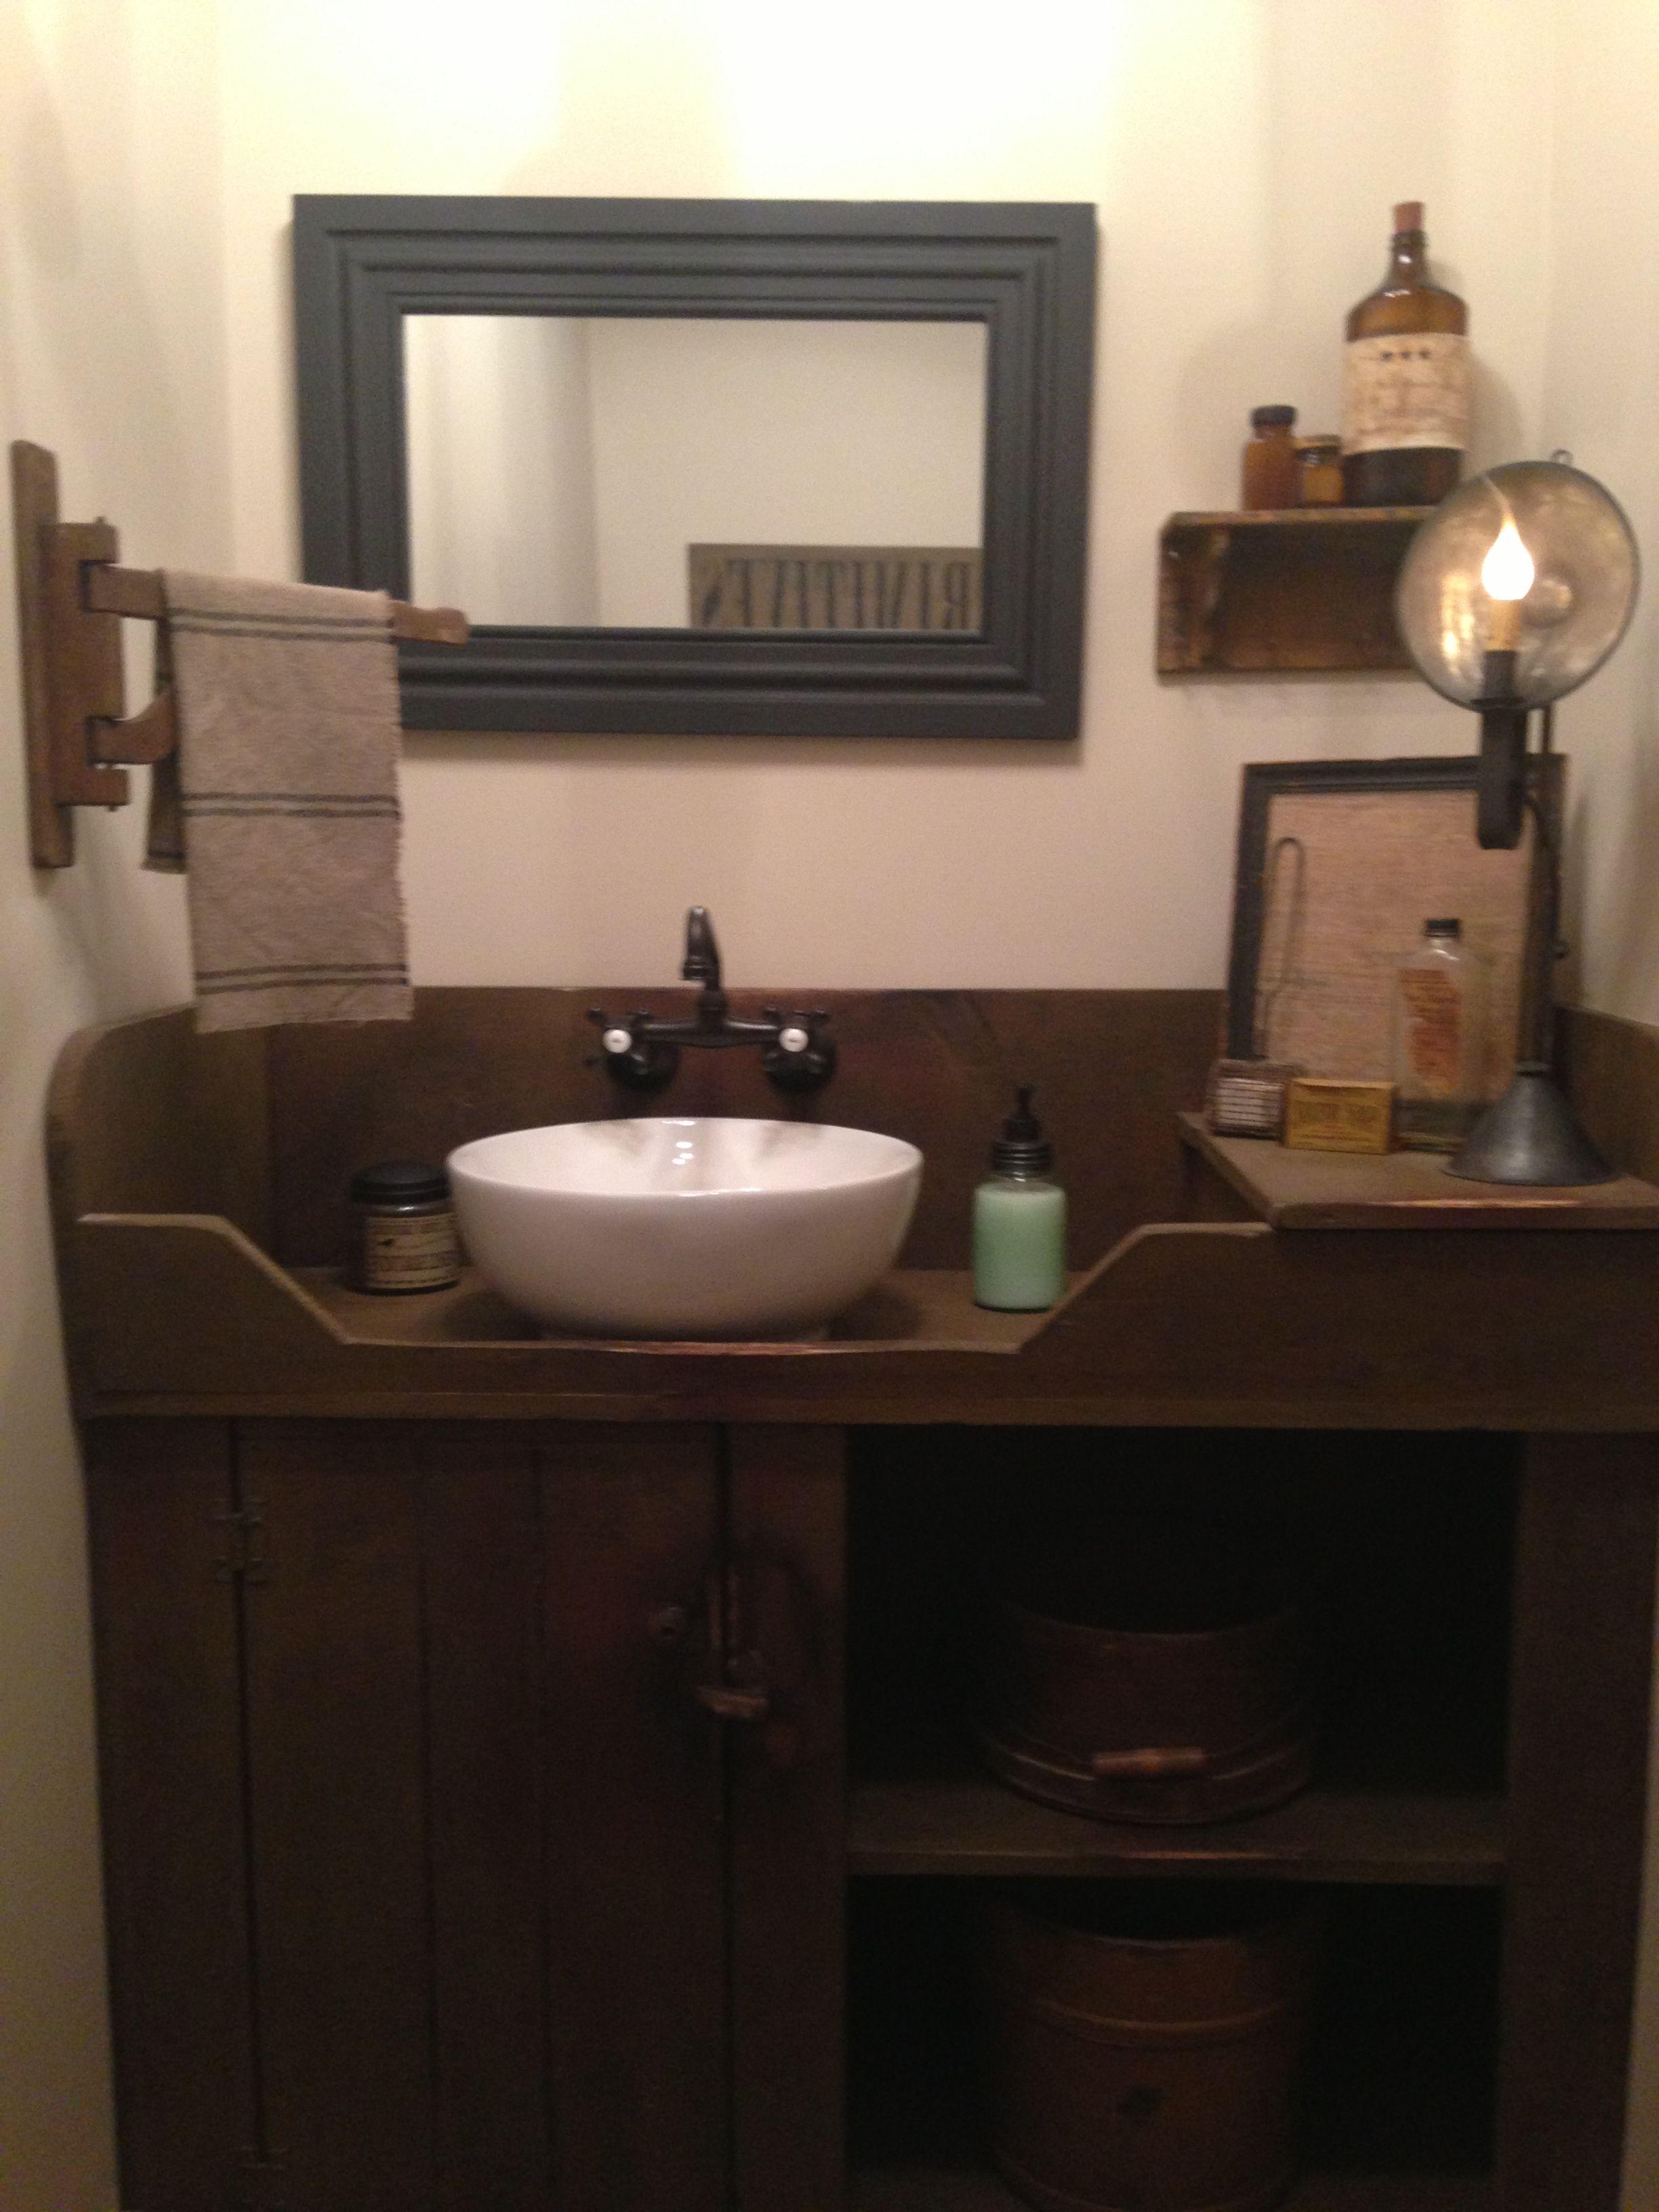 1/2 bath | Bathroom designs images, Primitive country ...